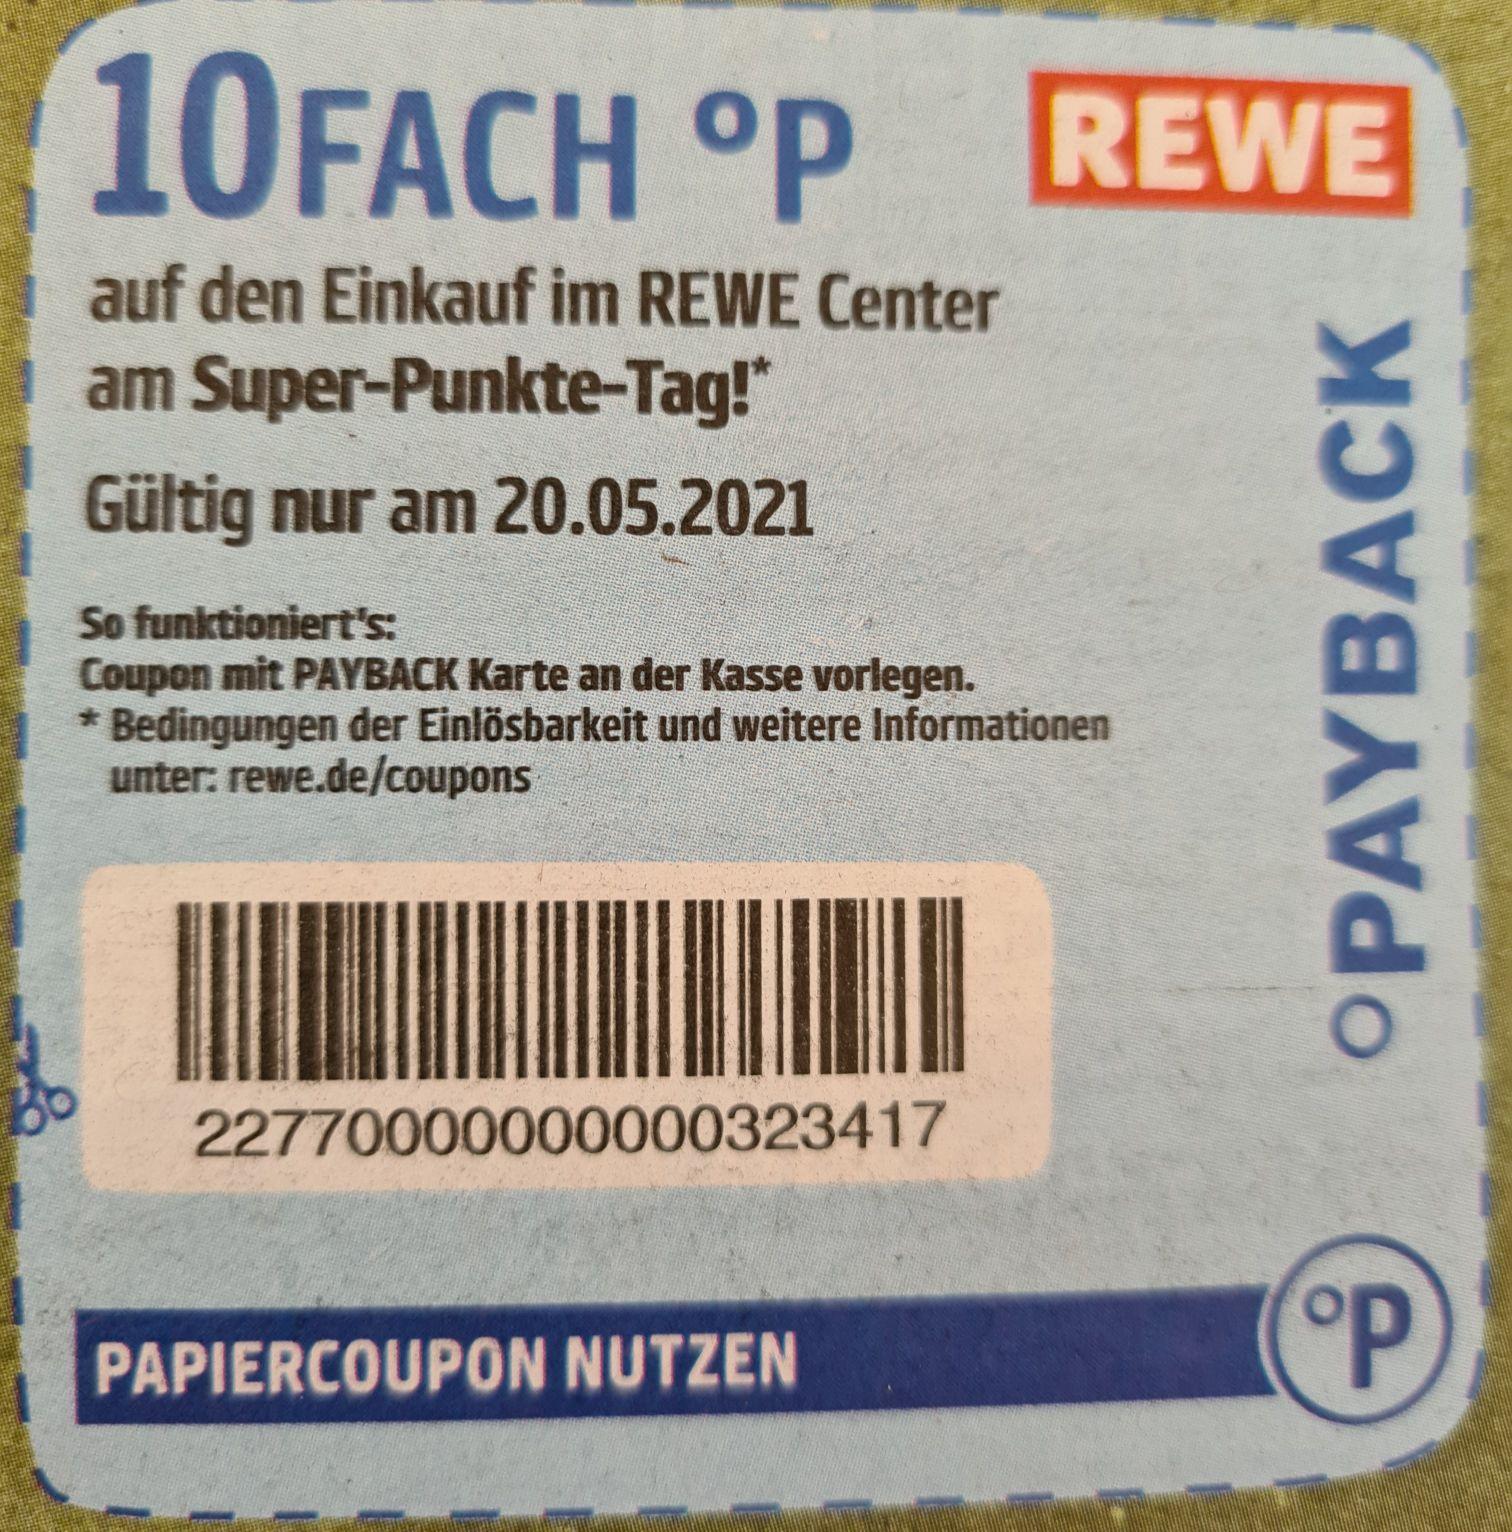 """[Payback Rewe] 10fach Punkte am """"Super-Punkte-Tag"""" bei Rewe am 20.05.2021"""